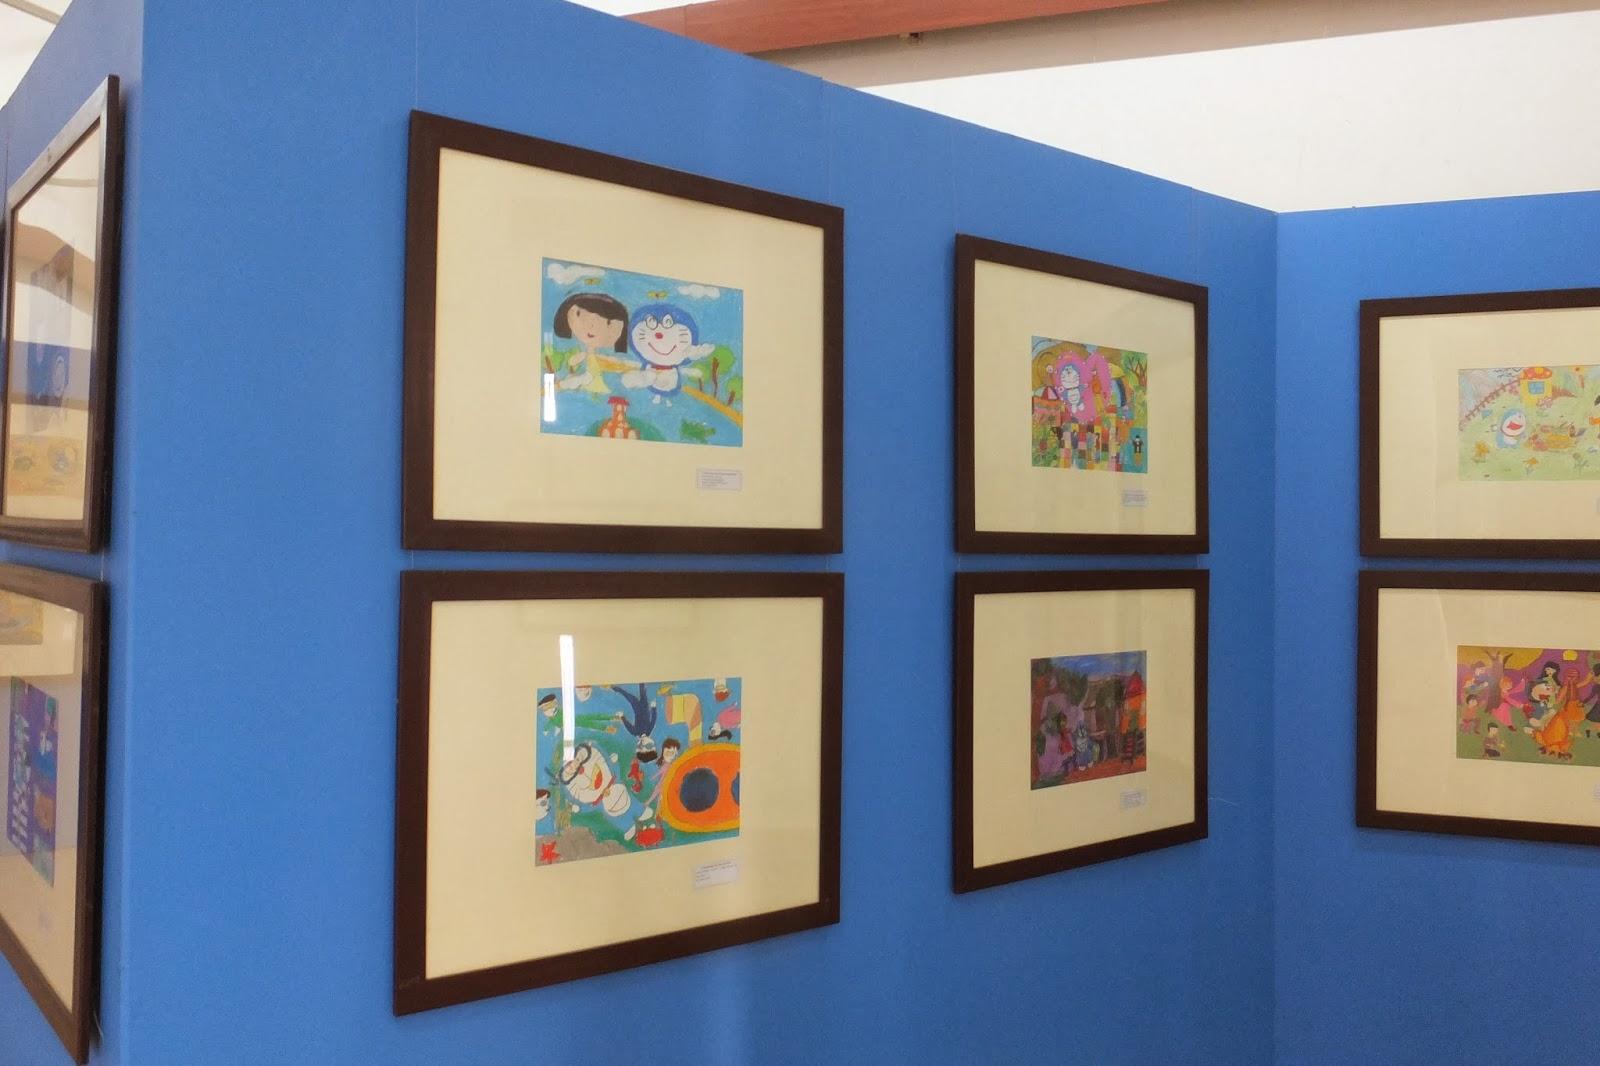 doraemon-exhibition-hanoi ドラえもんお絵描き展3